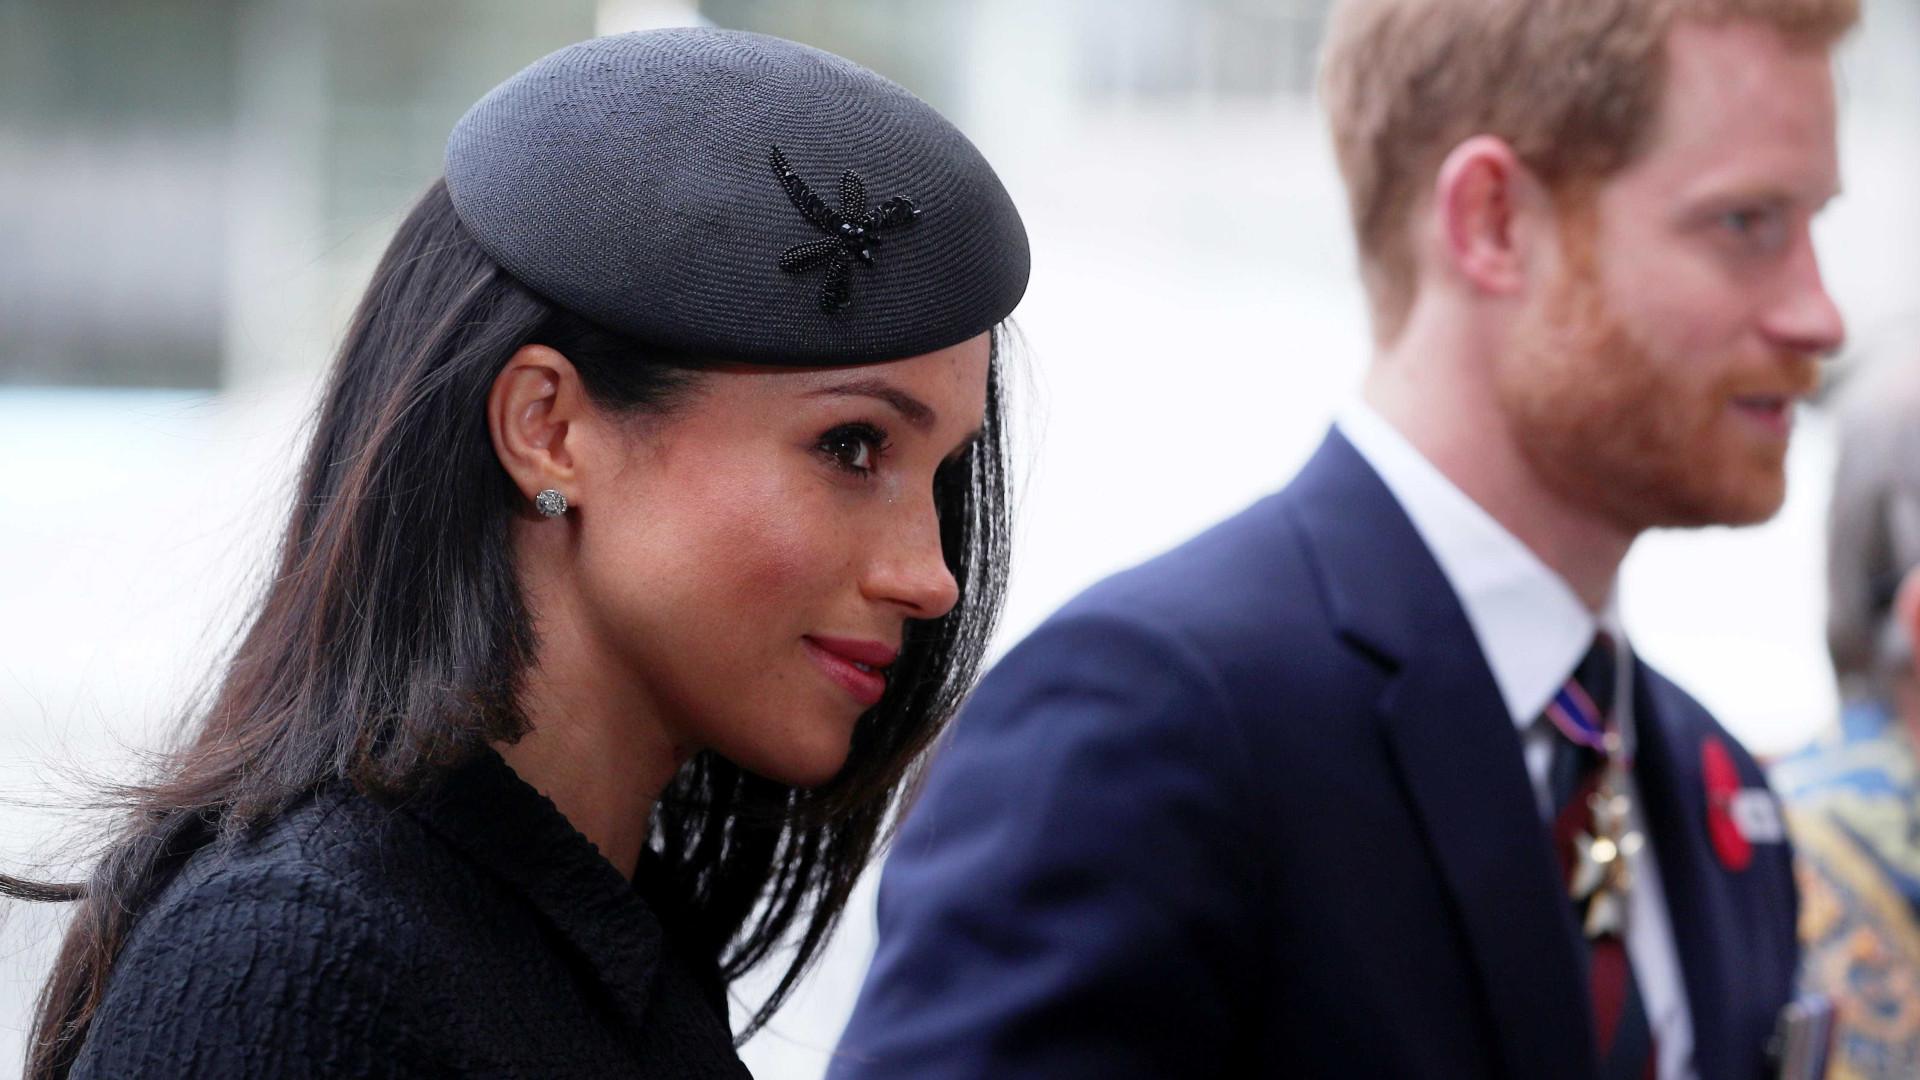 Entre fotos falsas e infarto do sogro, Príncipe Harry pede compreensão